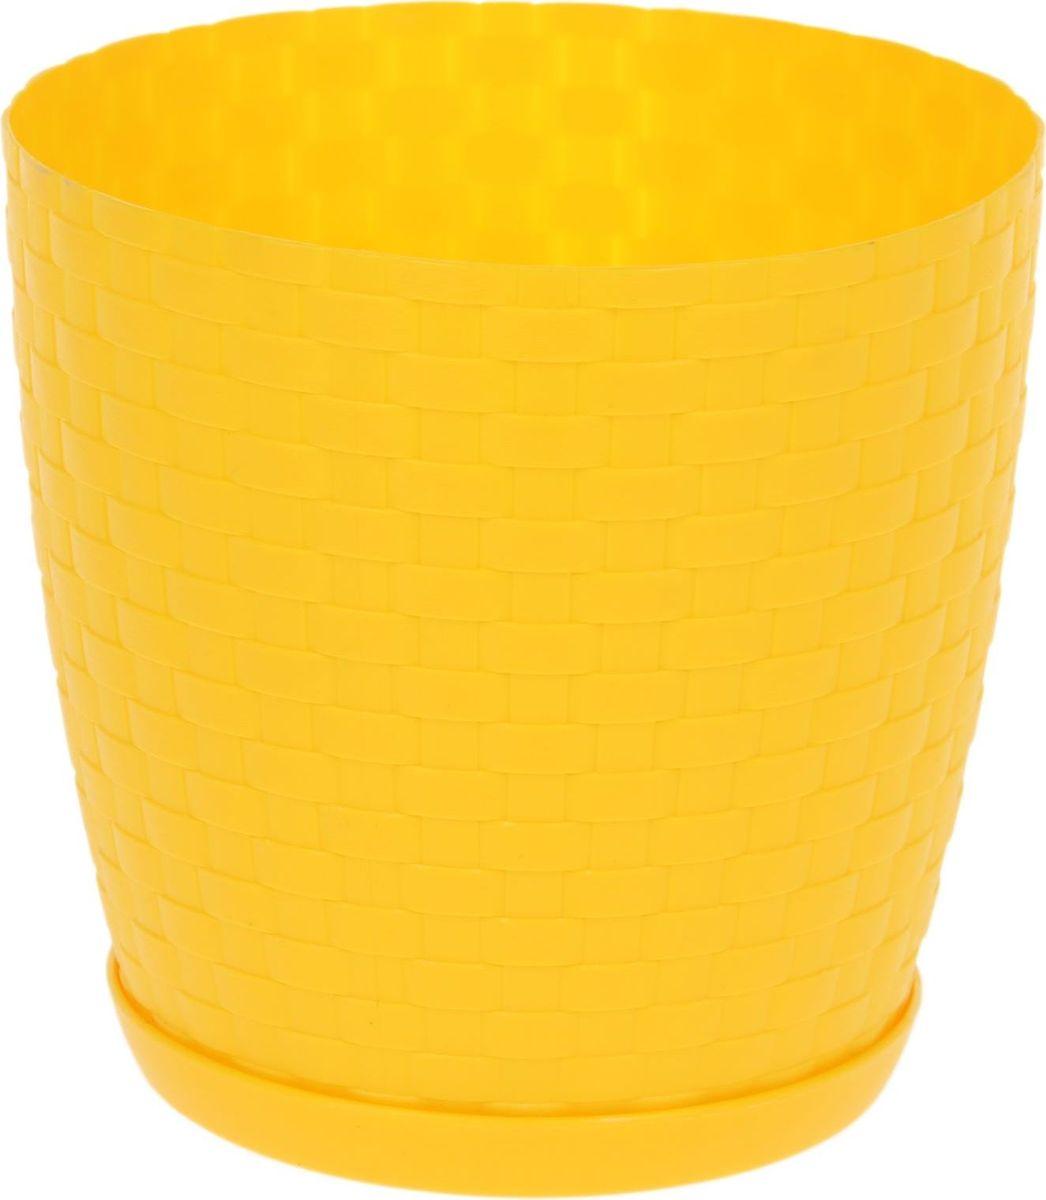 Горшок для цветов Петропласт Ротанг, с поддоном, цвет: желтый, 3 л1306739Горшок для цветов Петропласт Ротанг обладает малым весом и высокой прочностью. С лёгкостью переносите горшки и кашпо с места на место, ставьте их на столики или полки, подвешивайте под потолок, не беспокоясь о нагрузке. Пластиковые изделия не нуждаются в специальных условиях хранения. Их легко чистить - достаточно просто сполоснуть тёплой водой. Пластиковые кашпо не царапают и не загрязняют поверхности, на которых стоят. Пластик дольше хранит влагу, а значит растение реже нуждается в поливе.Пластмасса не пропускает воздух, а значит, корневой системе растения не грозят резкие перепады температур. Соблюдая нехитрые правила ухода, вы можете заметно продлить срок службы горшков, вазонов и кашпо из пластика:- всегда учитывайте размер кроны и корневой системы растения (при разрастании большое растение способно повредить маленький горшок). - берегите изделие от воздействия прямых солнечных лучей, чтобы кашпо и горшки не выцветали. - держите кашпо и горшки из пластика подальше от нагревающихся поверхностей. Любой, даже самый современный и продуманный интерьер будет не завершённым без растений. Они не только очищают воздух и насыщают его кислородом, но и заметно украшают окружающее пространство. Такому полезному члену семьи просто необходимо красивое и функциональное кашпо, оригинальный горшок или необычная ваза!